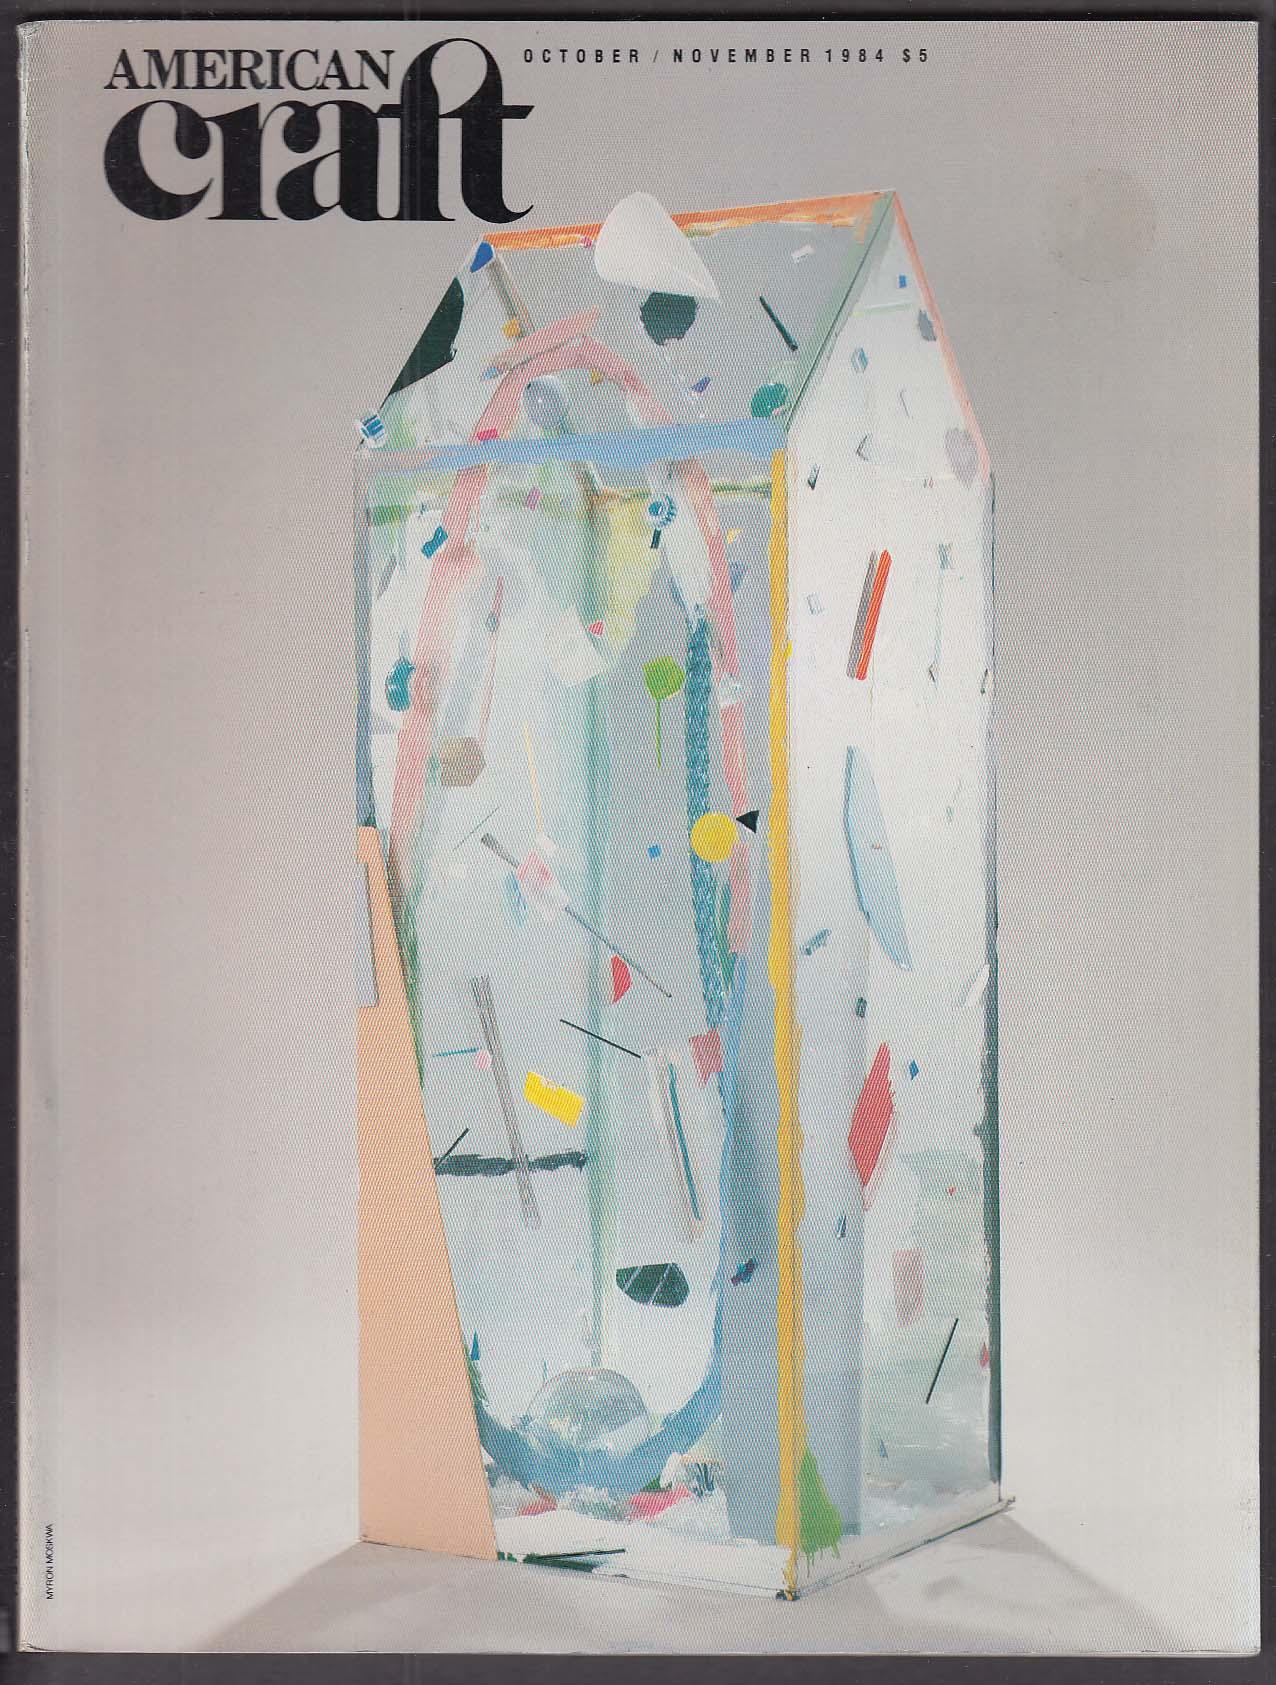 AMERICAN CRAFT Skidmore College Gayle Wimmer Garry Knox Bennett IBM + 10-11 1984